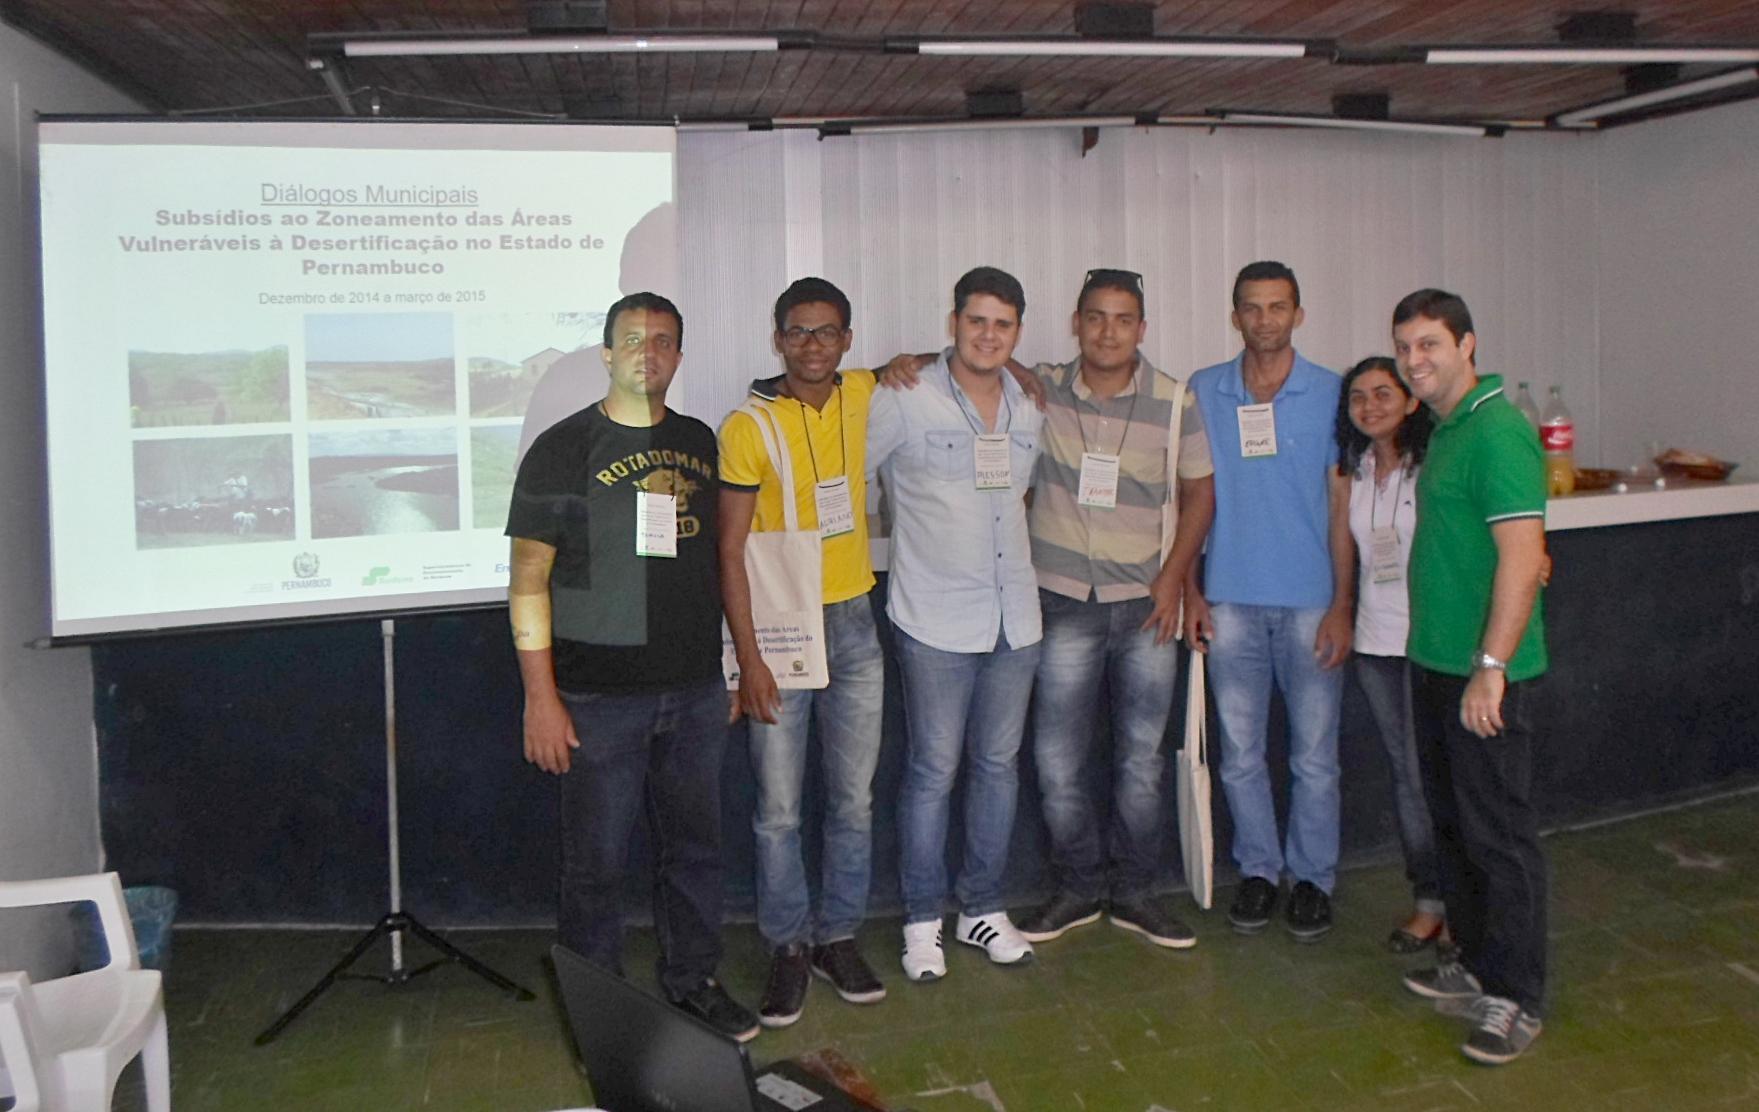 Seminário: Zoneamento das Áreas vulneráveis à Desertificação no Estado de Pernambuco